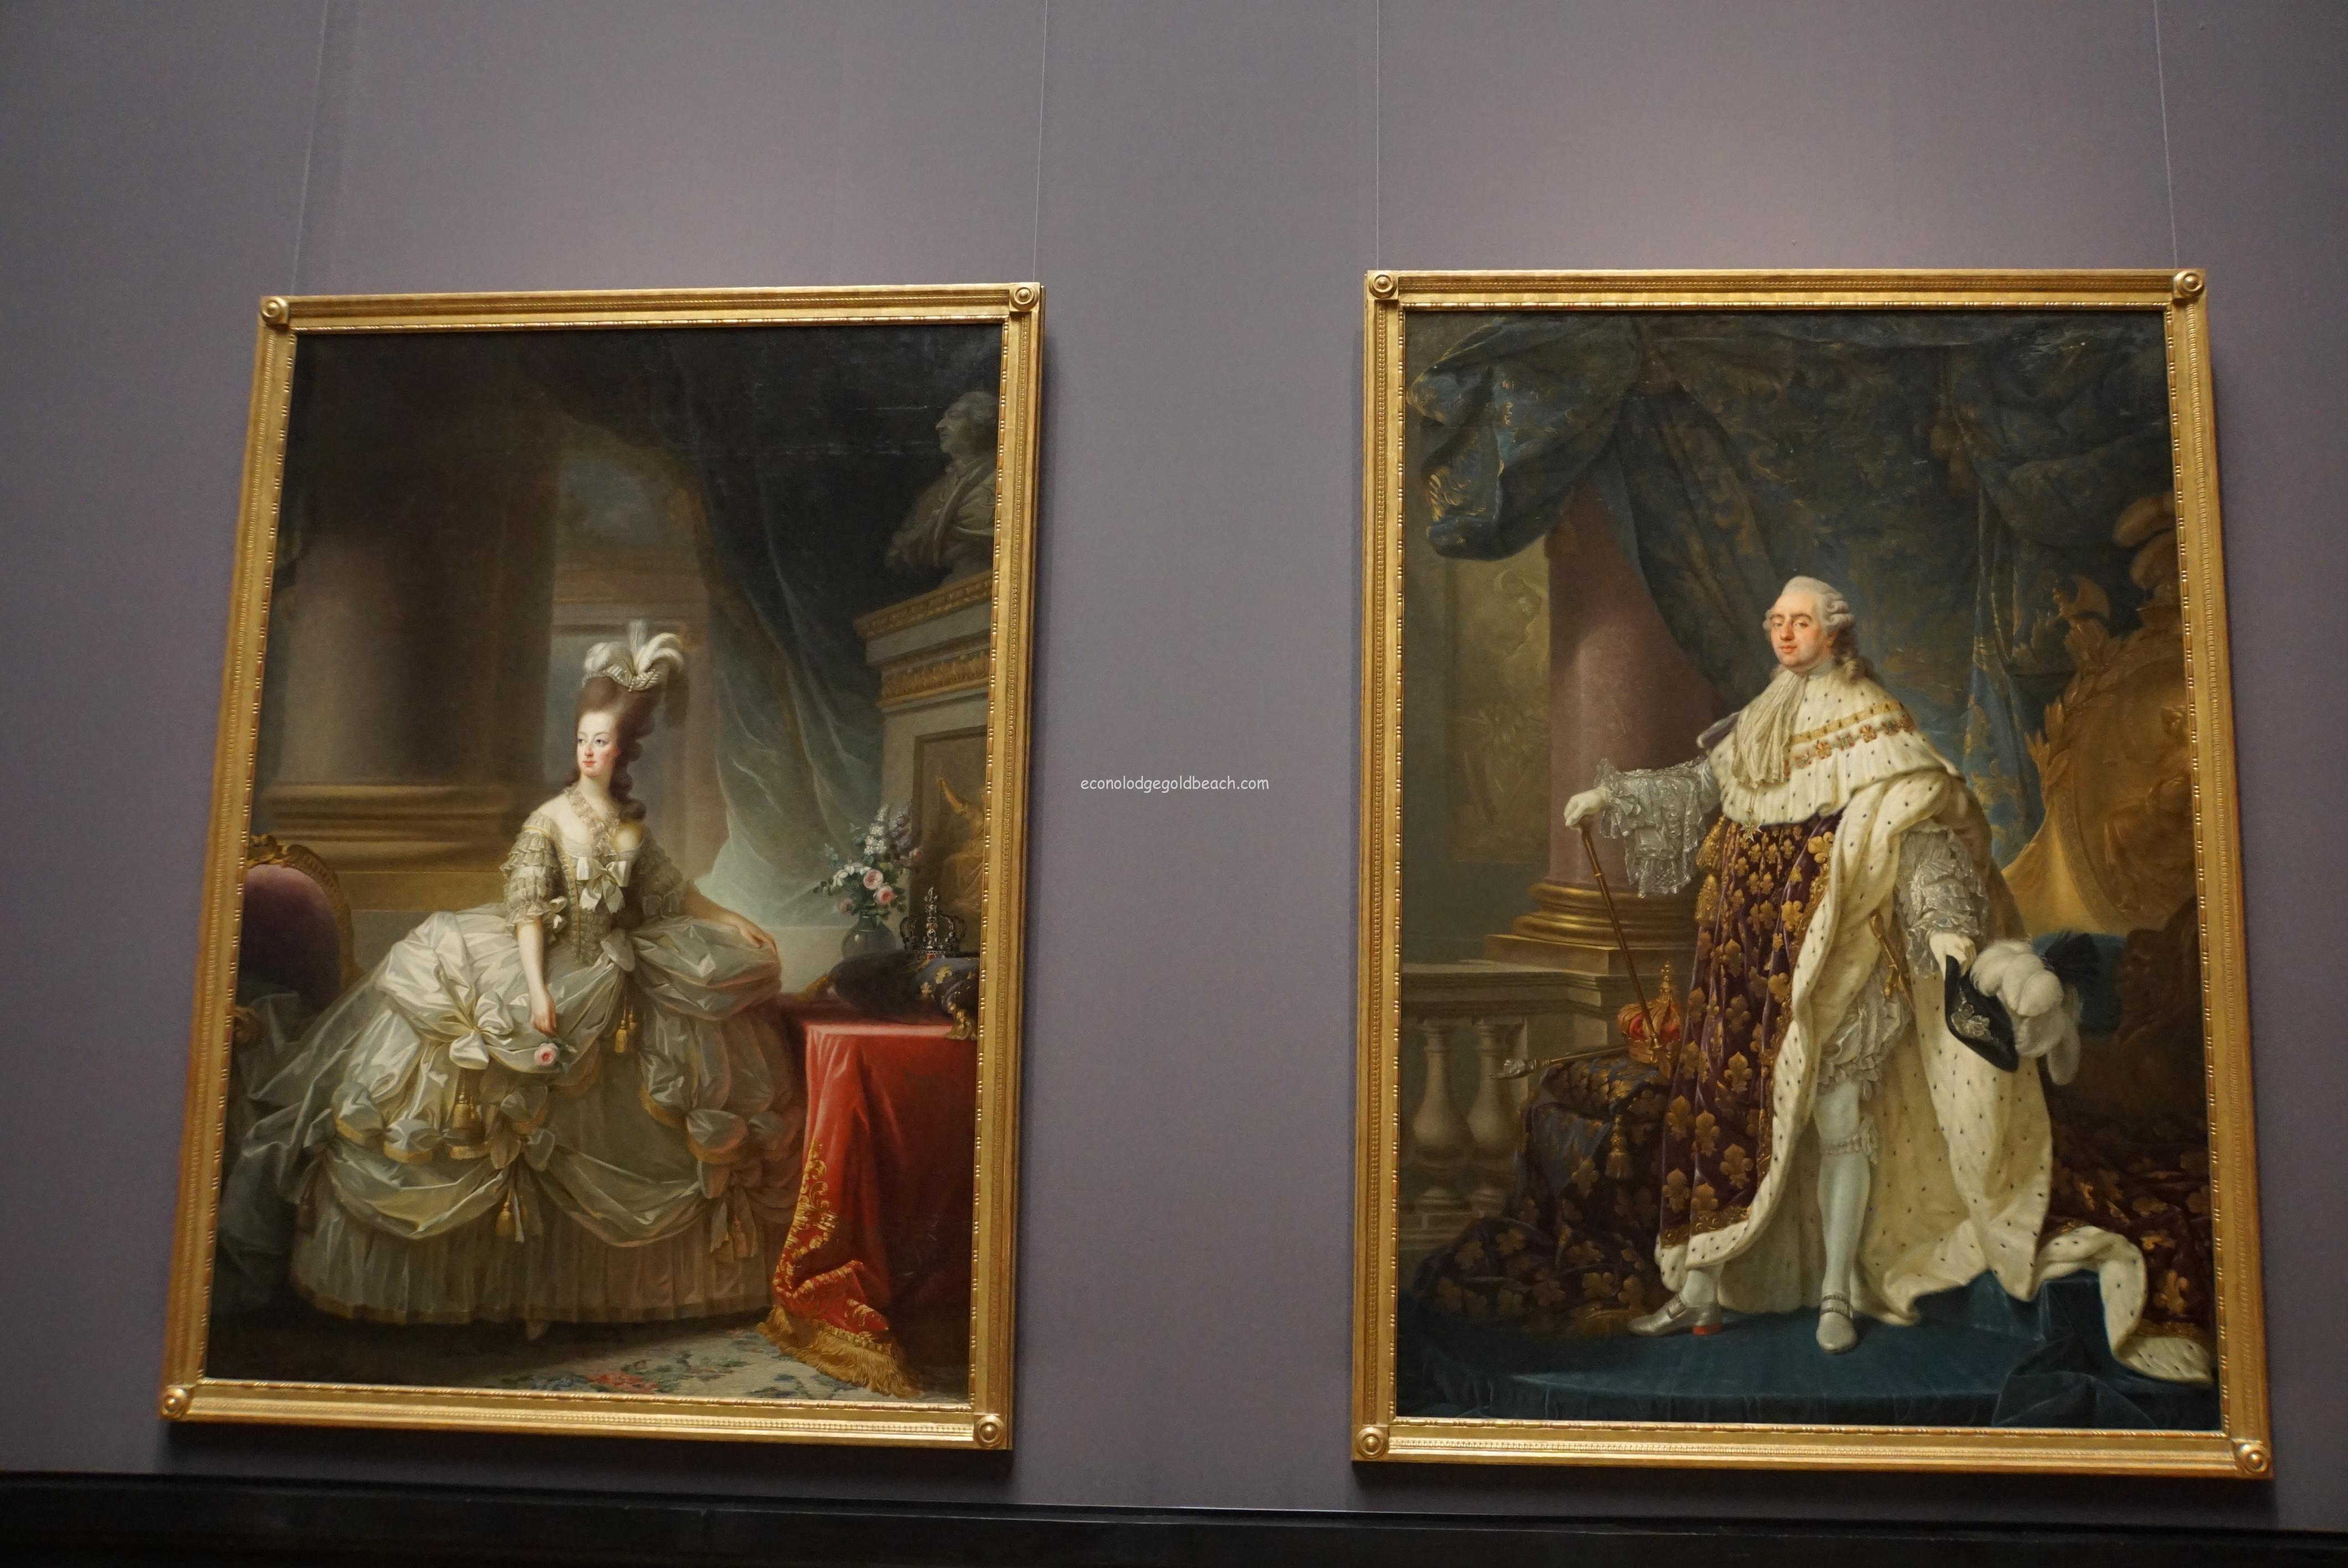 ルイ十六世とマリー・アントワネット